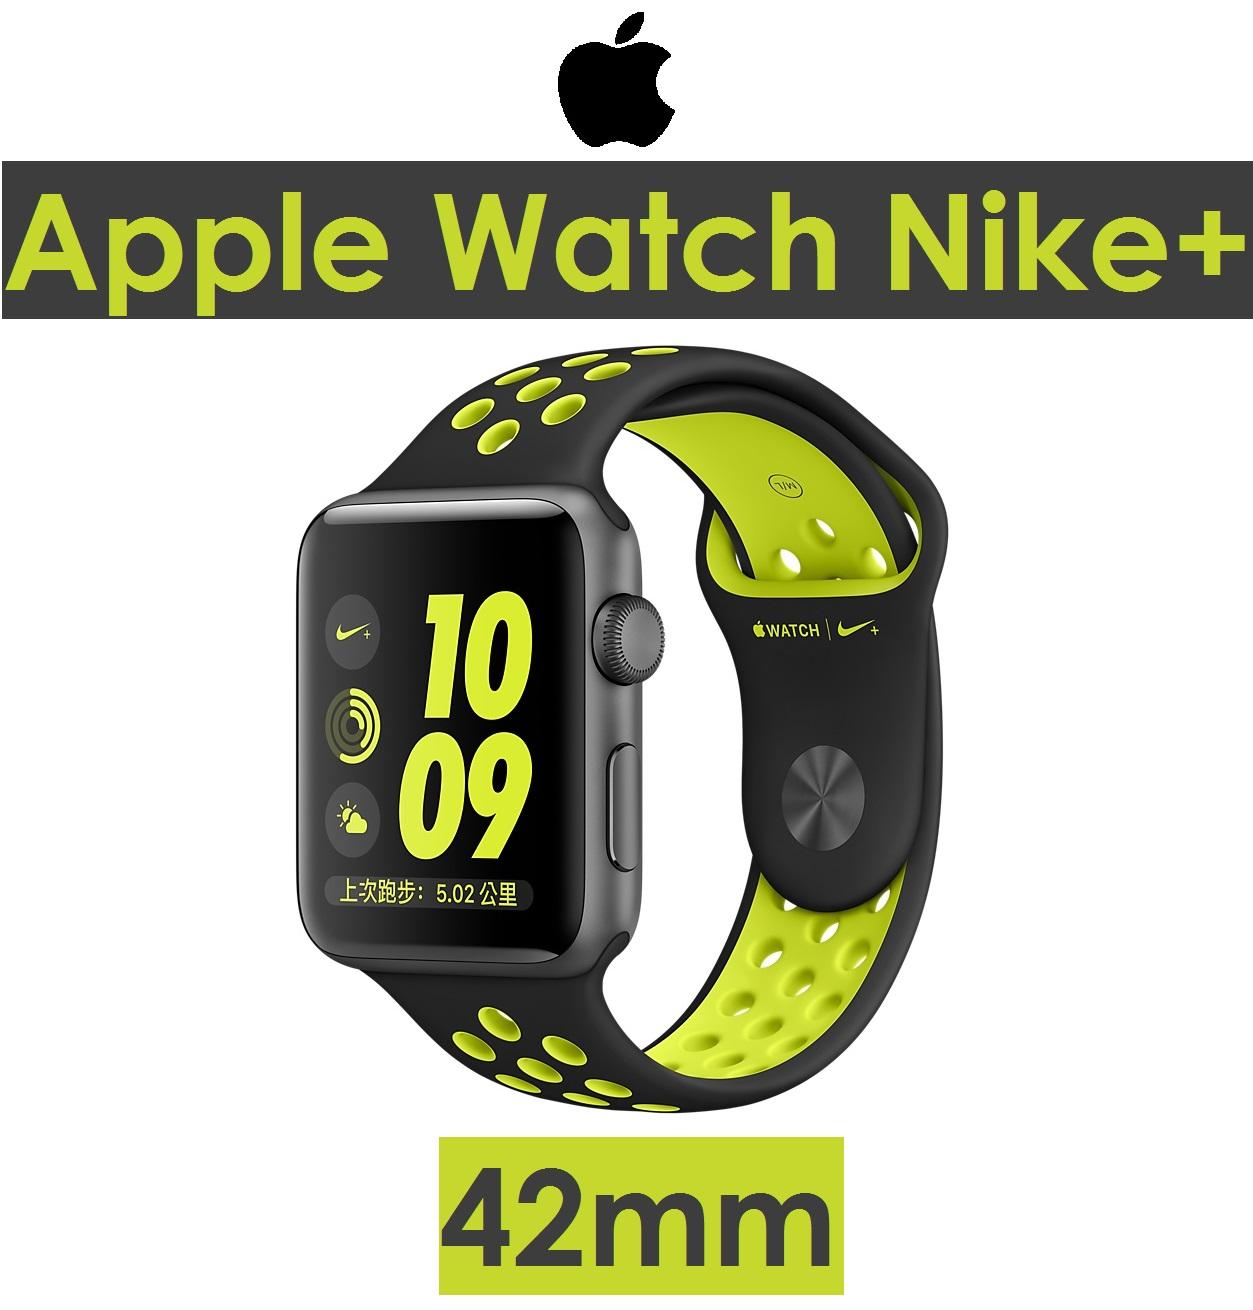 【原廠盒裝】蘋果 APPLE Watch Nike+ 太空灰色鋁金屬錶殼+黑色配螢光黃色 S2 Series 2( 42mm) 智慧型手錶 Series2●GPS●防水●心率●SIRI